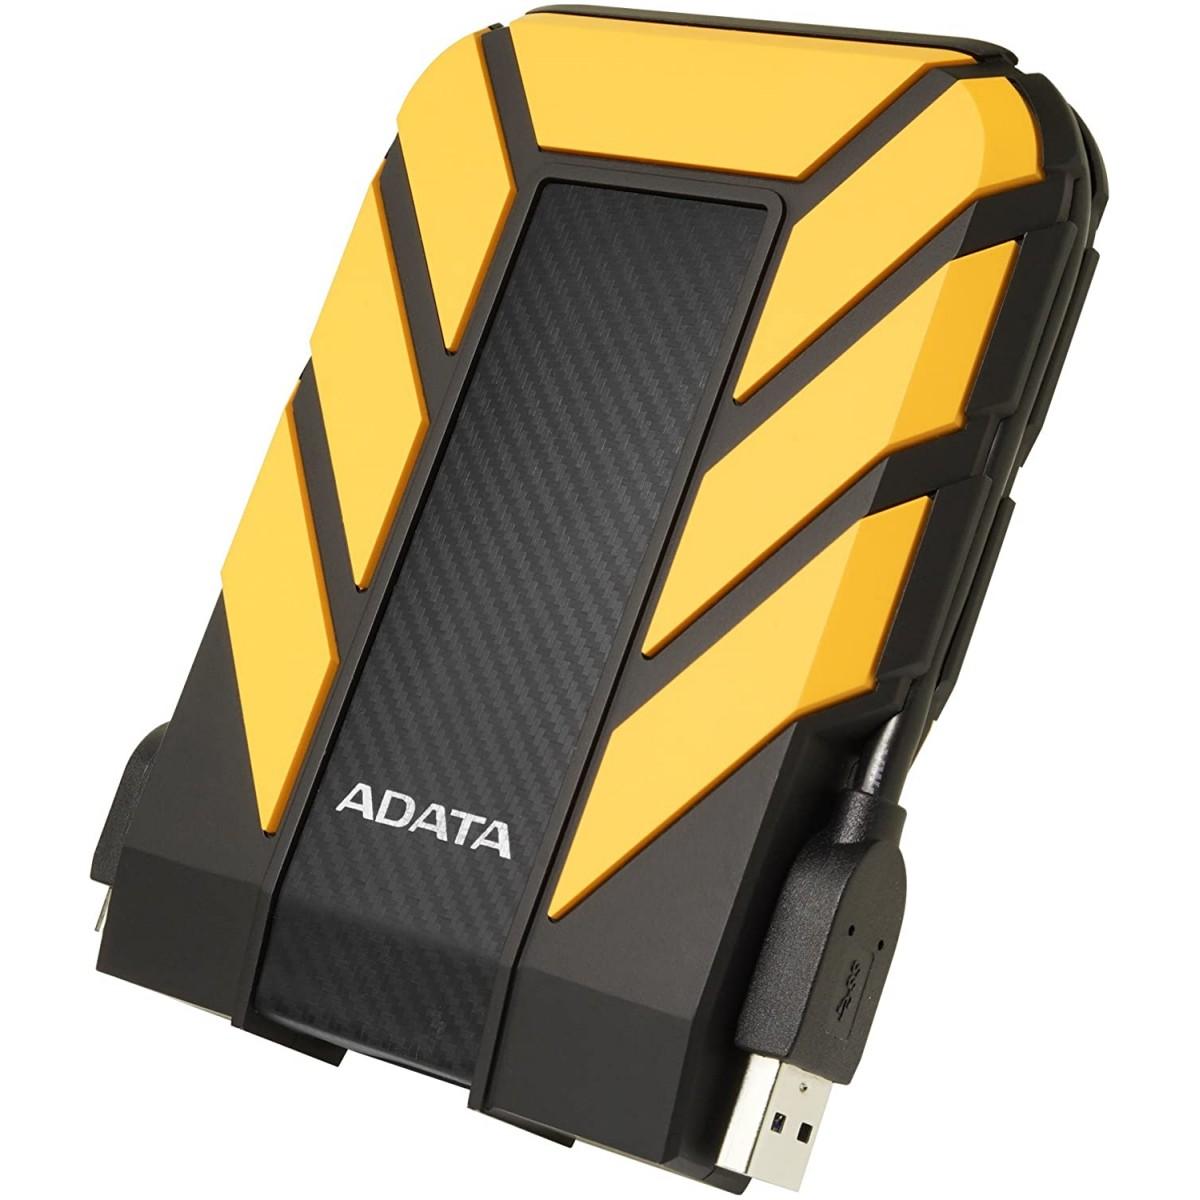 HD Externo Portátil Adata 2TB, USB 3.2, Amarelo, AHD710P-2TU31-CYL